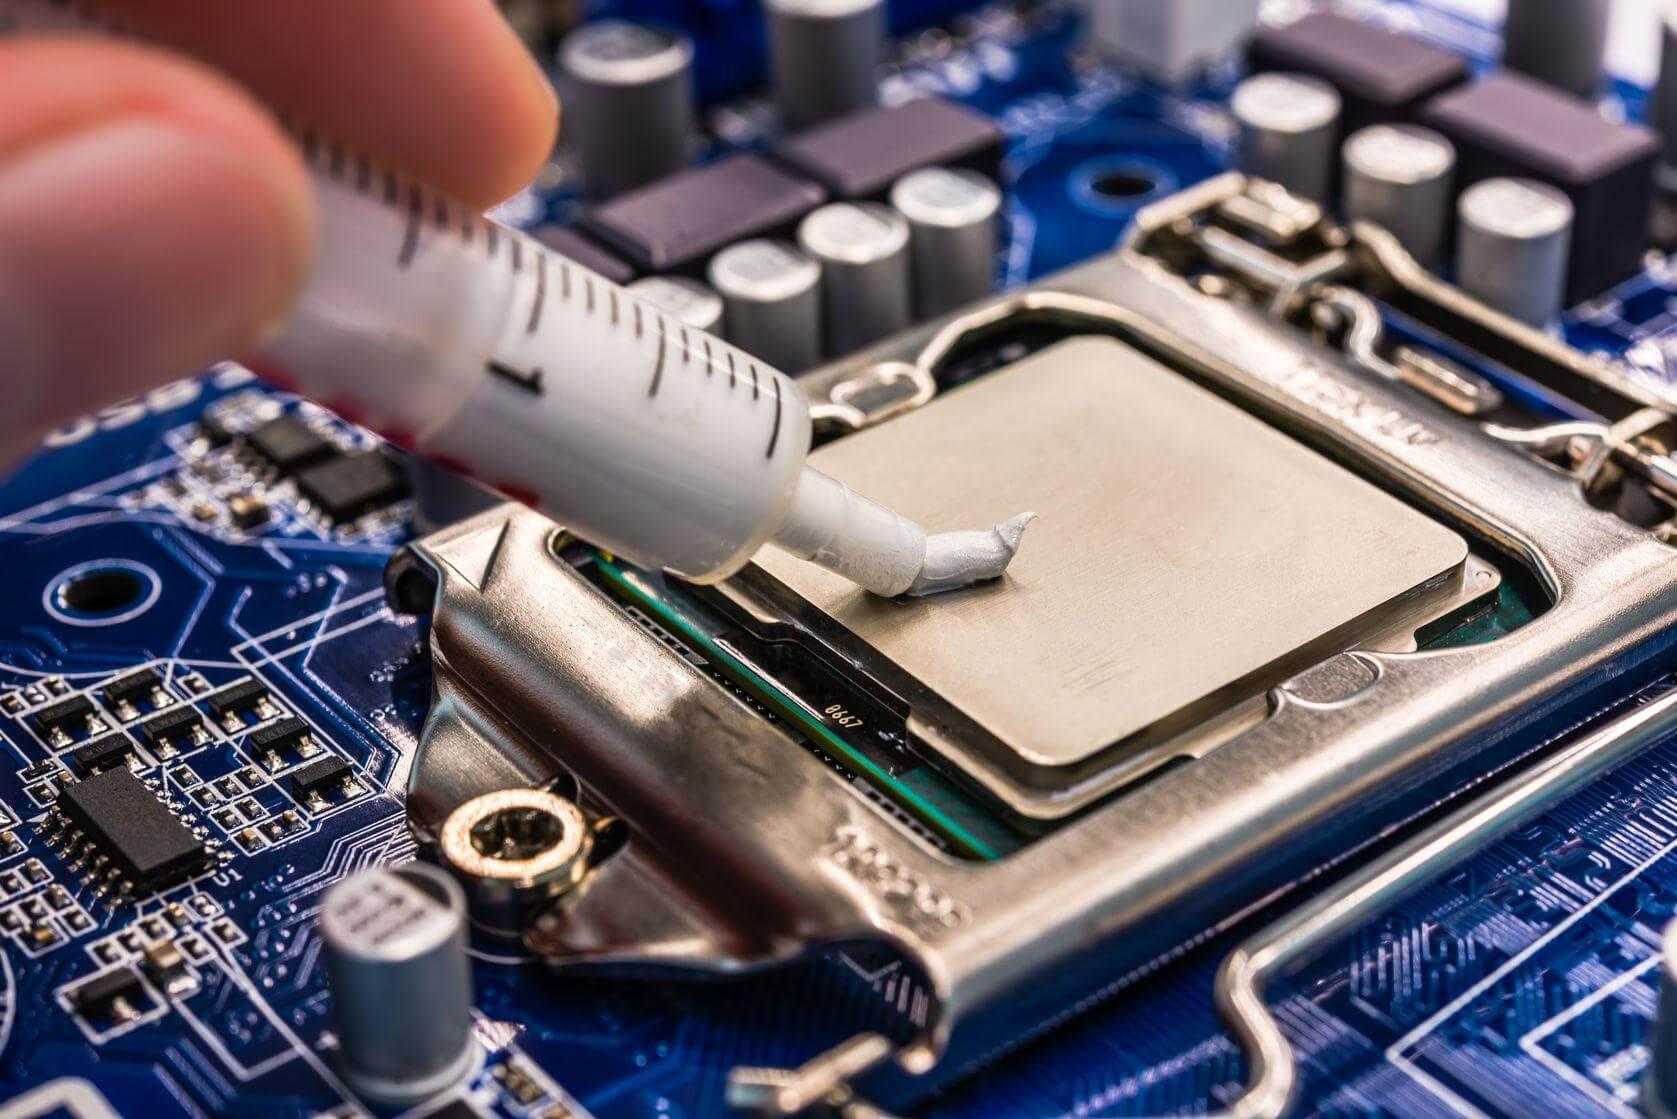 Замена термопасты в системном блоке компьютера